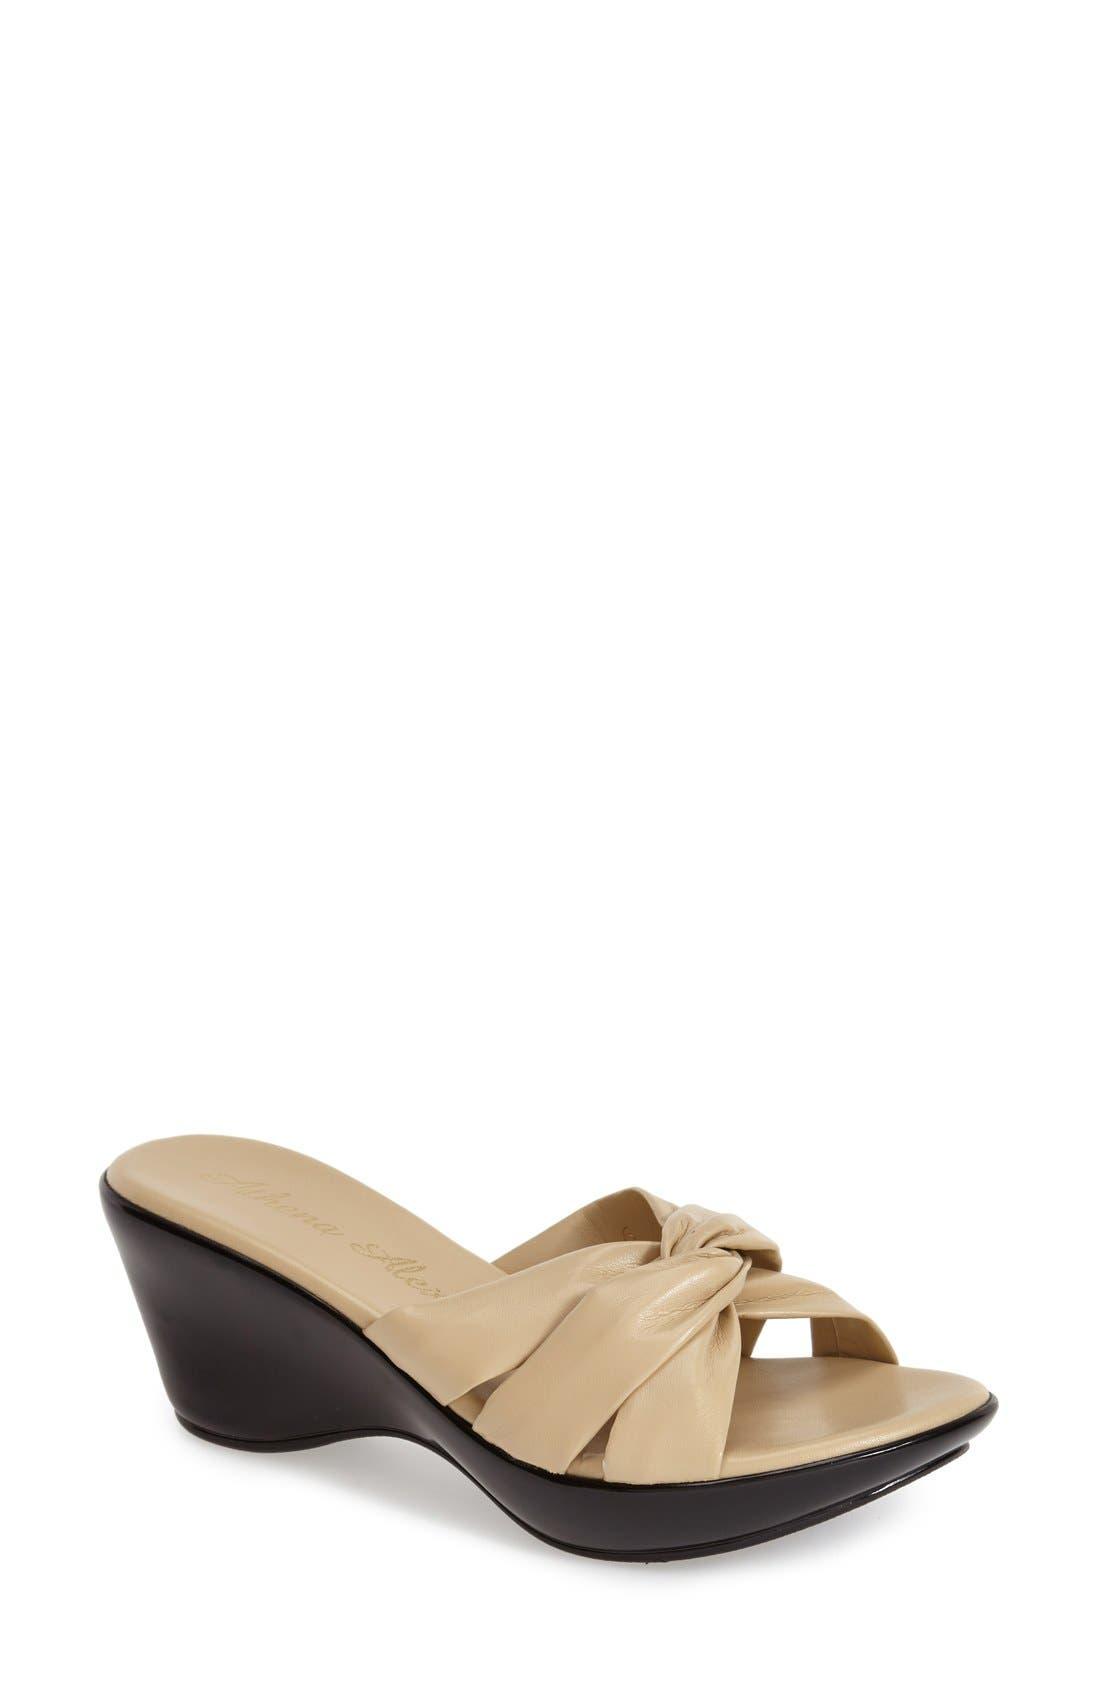 'Gayle' Slide,                         Main,                         color, Camel Leather